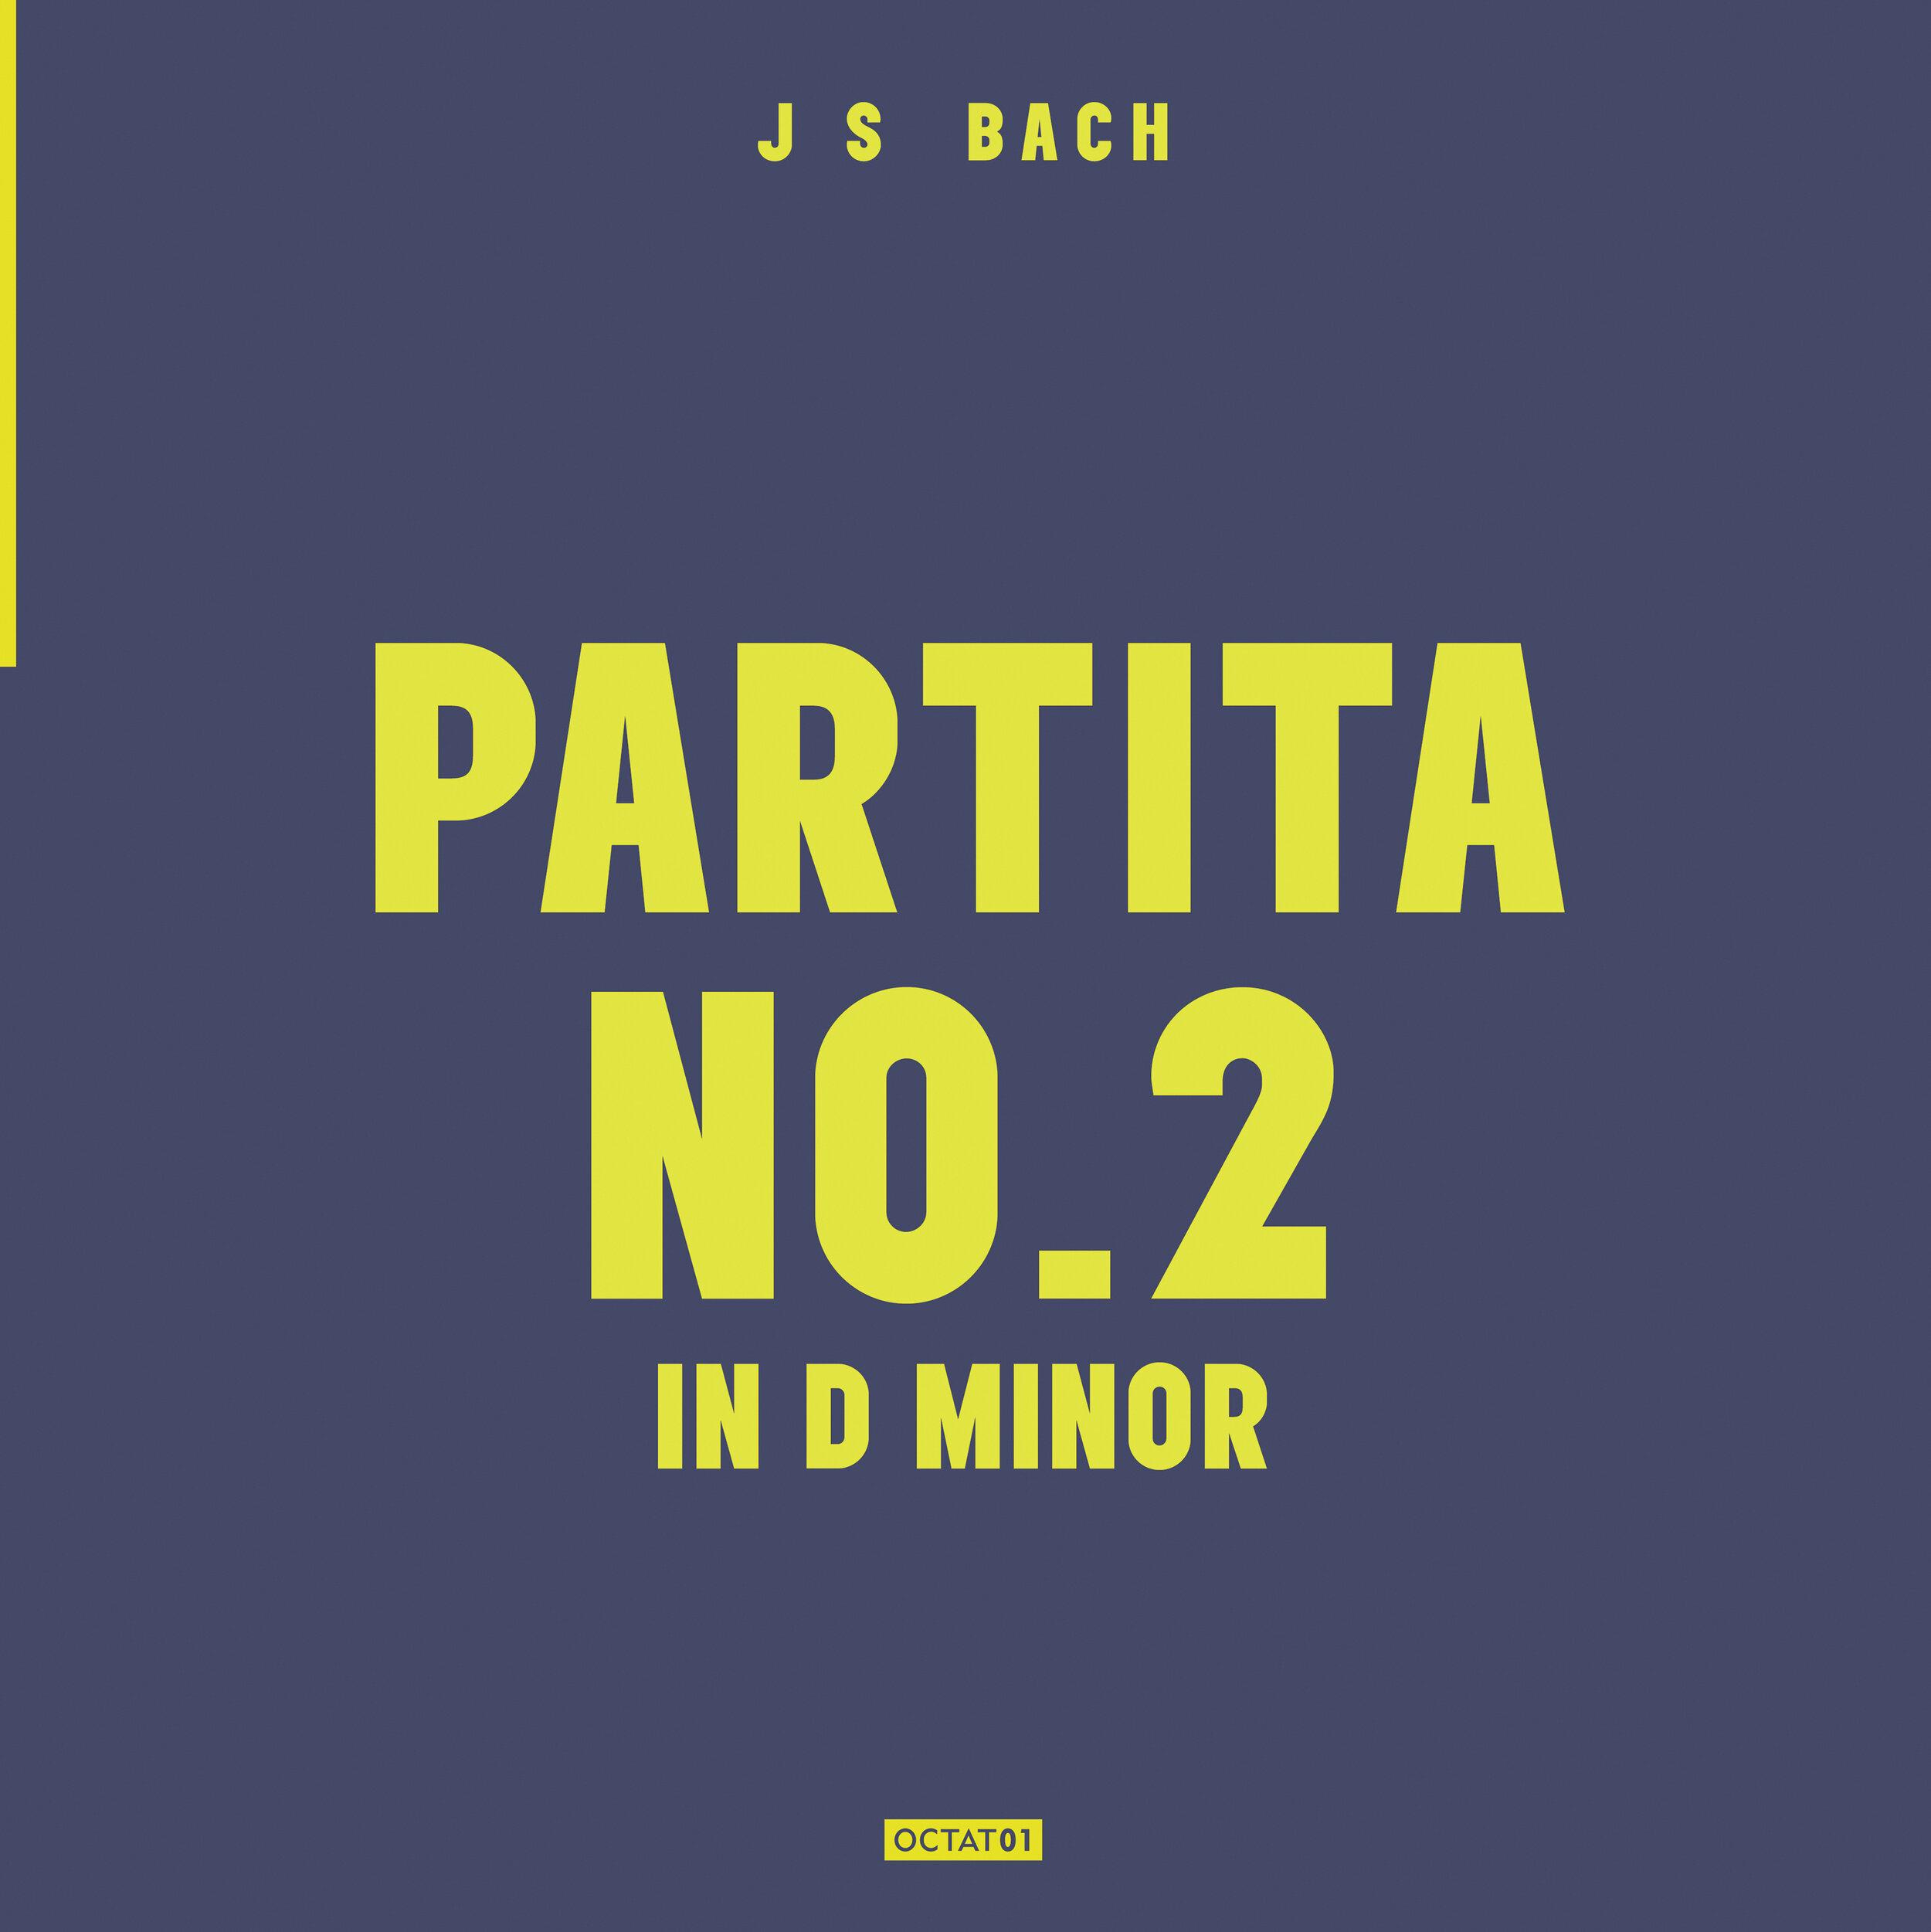 OCTAT01_PARTITA_LP_3000px (1).jpg